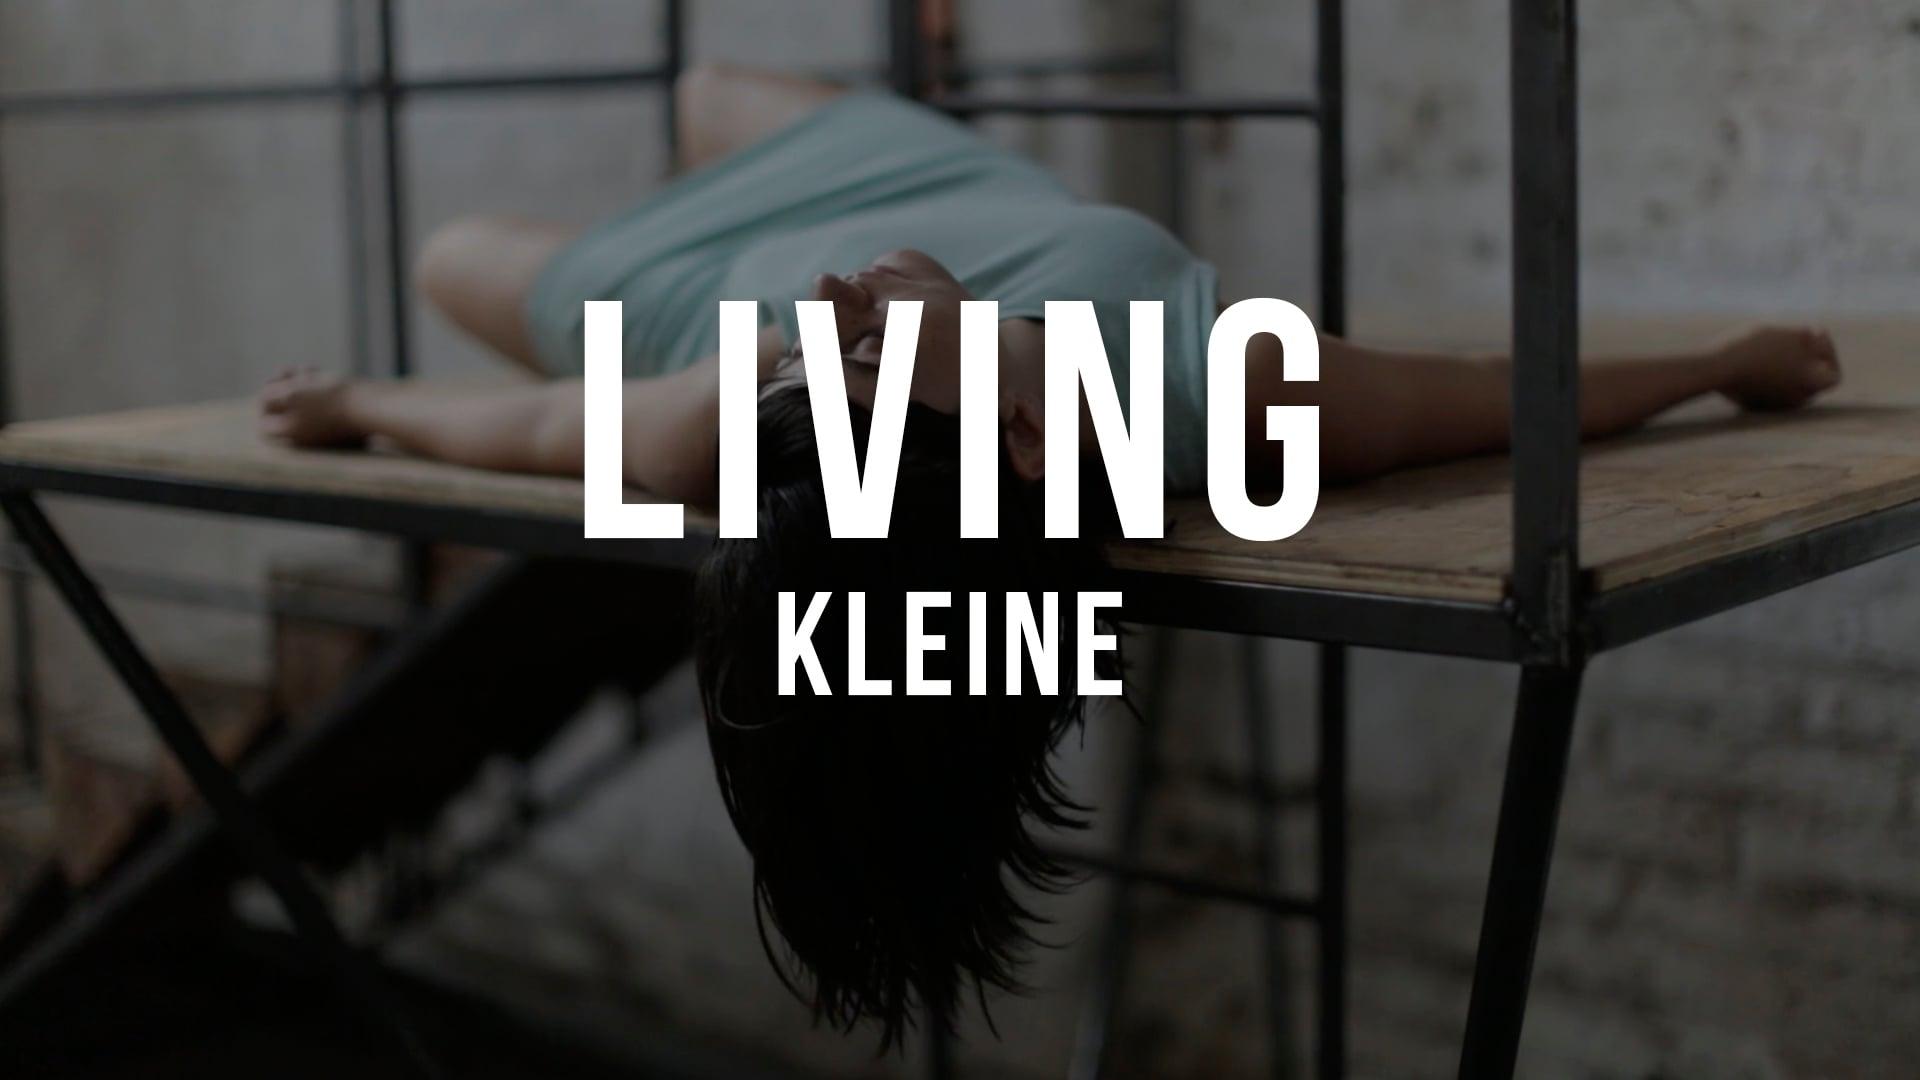 KLEINE